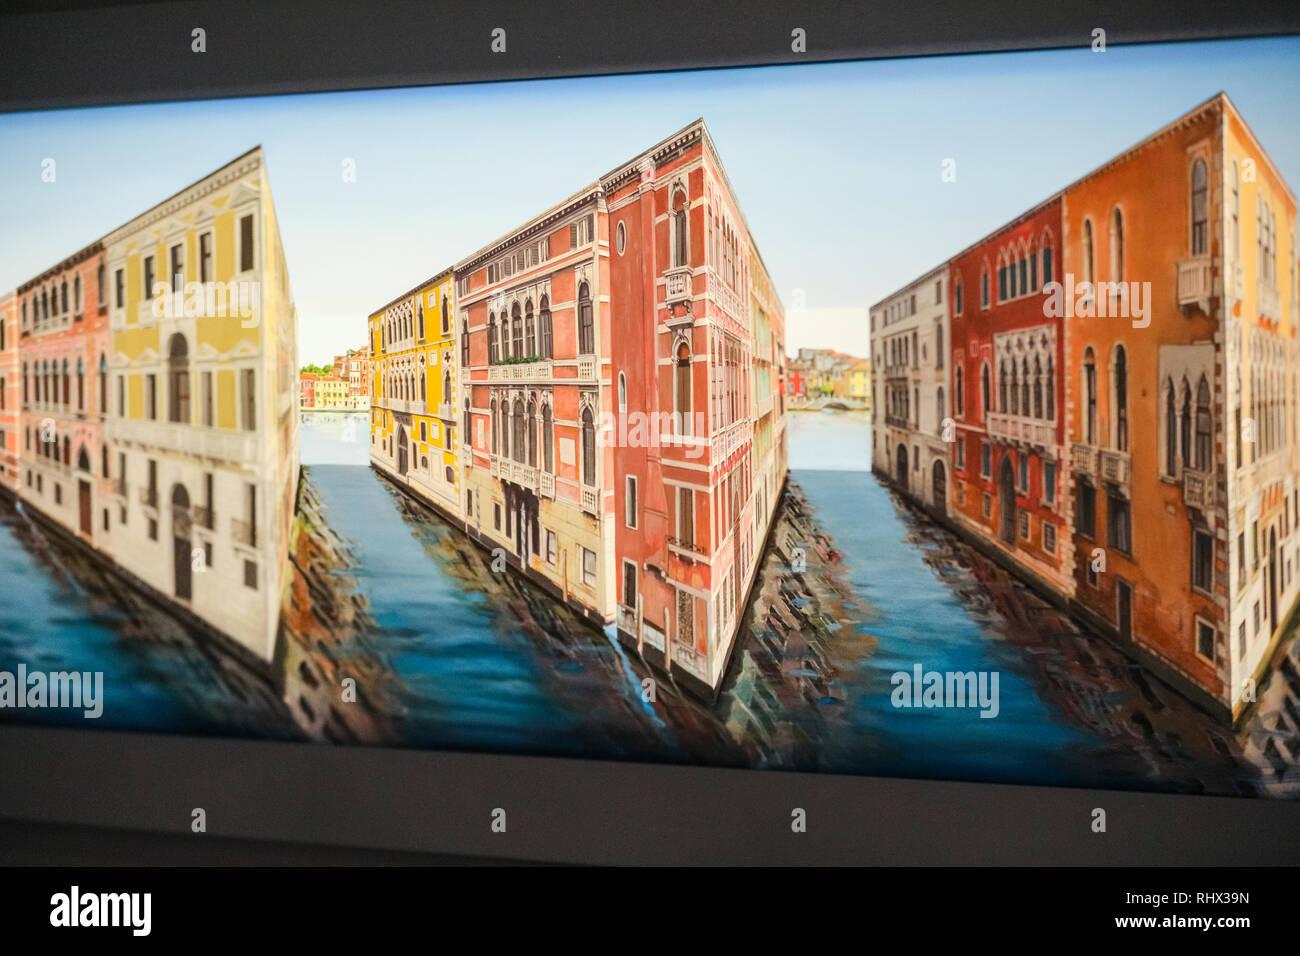 Umgekehrte Perspektive Stockfotos Und Bilder Kaufen Alamy